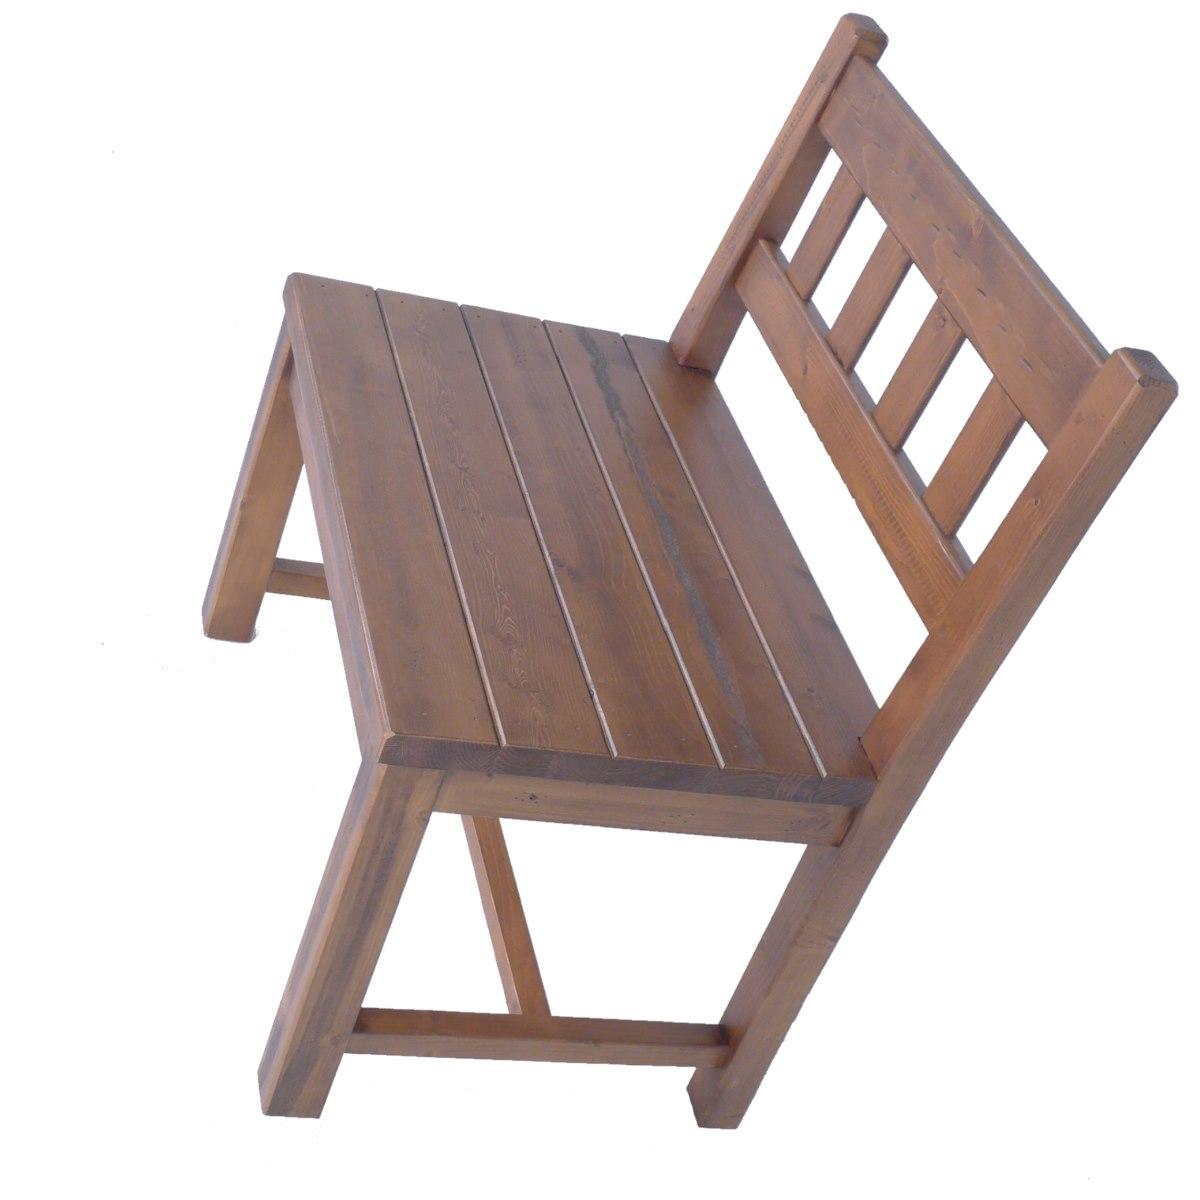 Banco R Stico 75cm De Alto En Madera Ecor Stico Venta De Muebles # Alto Vuelo Muebles